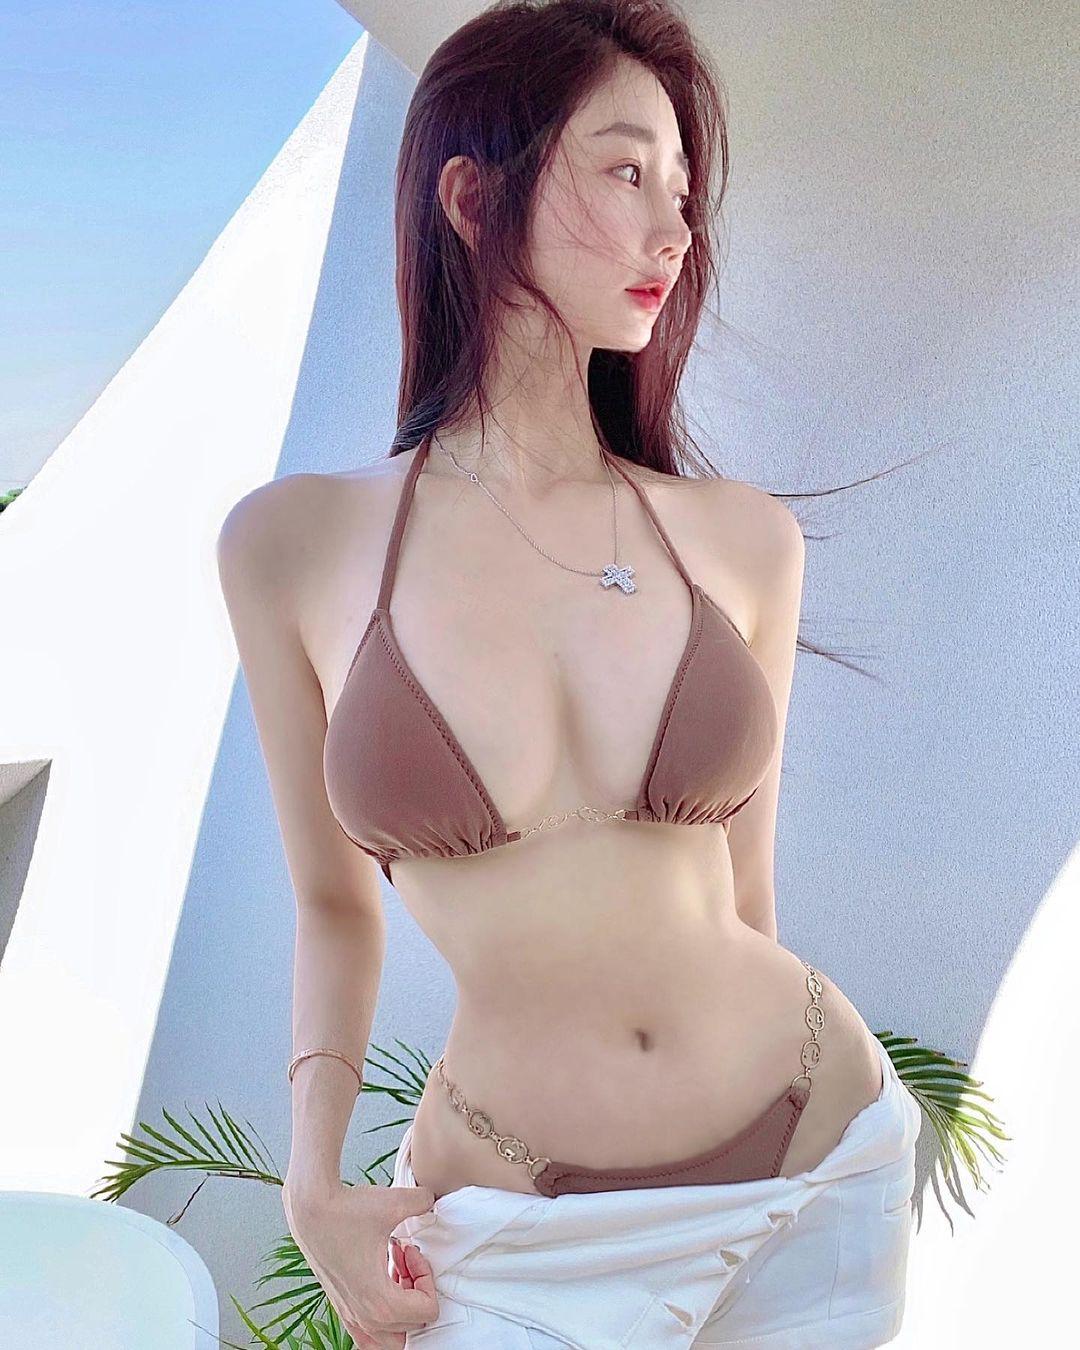 Nữ giám đốc Hàn Quốc diện đồ công sở cũng gợi cảm nhờ vòng 1 đẹp đầy đặn - hình ảnh 3